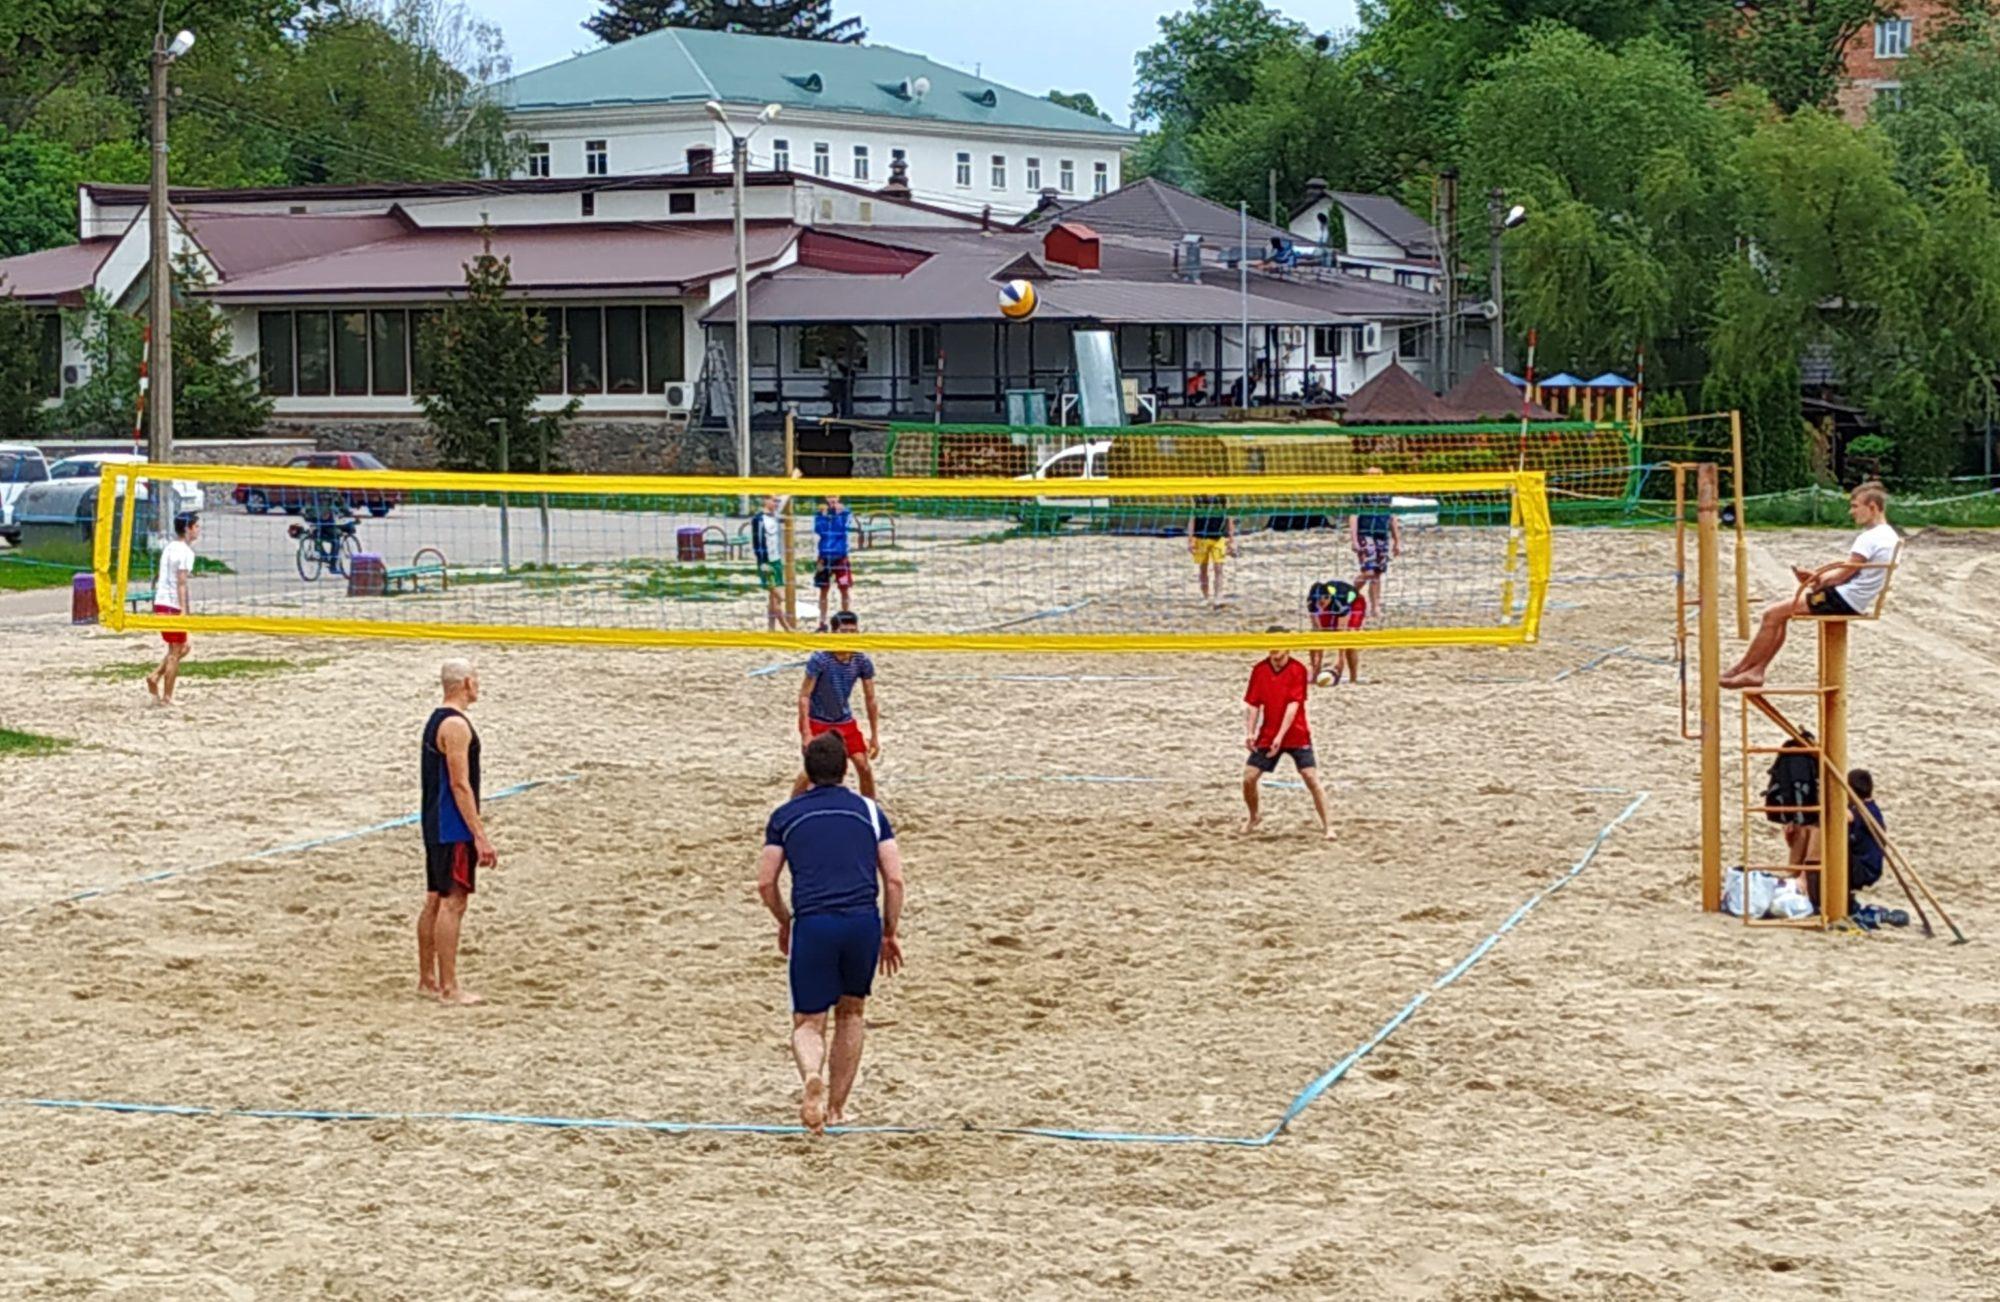 Сезон відкритий: у Білій Церкві відбувся обласний турнір з пляжного волейболу - пляжний волейбол, Змагання, Біла Церква - imgbig 4 2 2000x1302